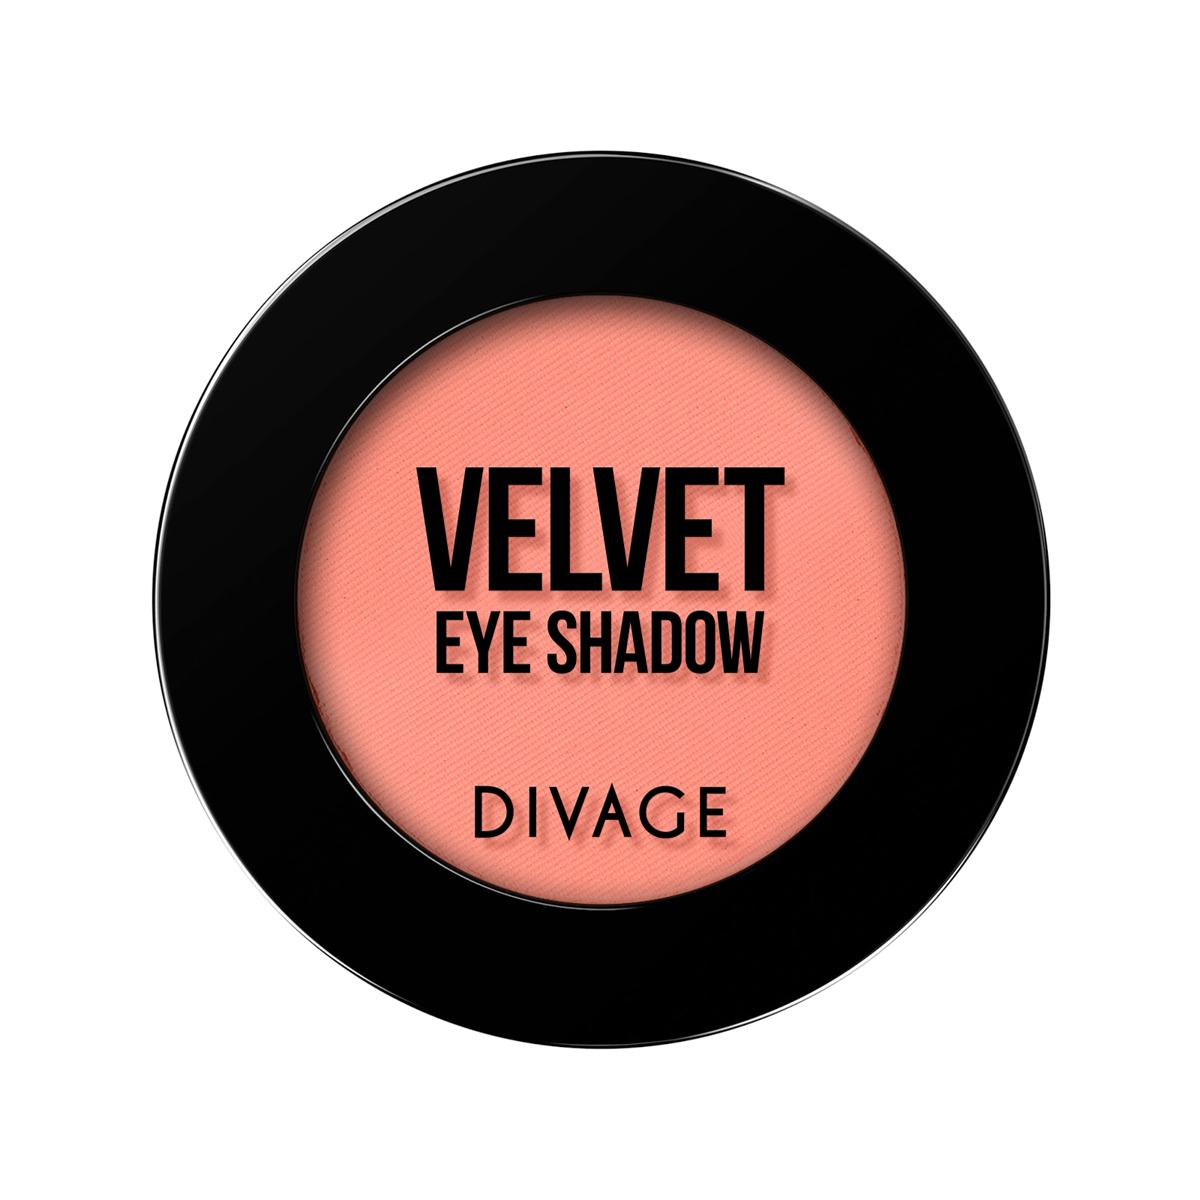 DIVAGE Матовые одноцветные тени для век VELVET , тон № 7321, 3 гр.007949Благородство матовых оттенков на ваших глазахХочешь профессиональный макияж в домашних условиях?! Тогда матовые тени VELVET это, то, что тебе нужно, главный тренд в макияже, насыщенные оттенки, профессиональные текстуры, ультра-стойкий эффект. Всё это было секретом визажистов, теперь этот секрет доступен и тебе! Палитра из 15 оттенков, позволяет создать великолепный образ для любого события. Текстура теней VELVET напоминает бархат, благодаря своей шелковистой формуле тени легко растушевываются по поверхности века, позволяя комбинировать между собой все оттенки палитры. Тени идеально подходят для жирной кожи век, за счёт своей плотной пудровой текстуры тени не осыпаются и не собираются в складках века, сохраняя идеально ровное покрытие до 8 часов.СОВЕТ DIVAGE: Используя тени для макияжа глаз от DIVAGE, ты легко можешь меняться каждый день, создавая различные образы. Но как выбрать свой оттенок в таком многообразии? Выбирай контрастные оттенки тенейк твоему цвету глаз. Карие глаза хорошо подчеркнут зелёные и фиолетовые оттенки, все оттенки коричневого придадут выразительности зелёным глазкам, для серых и голубых больше всего подойду оттенки кораллового, золотого ирозового. С макияжем выполненным тенями DIVAGE твой взгляд будет ещё притягательней!